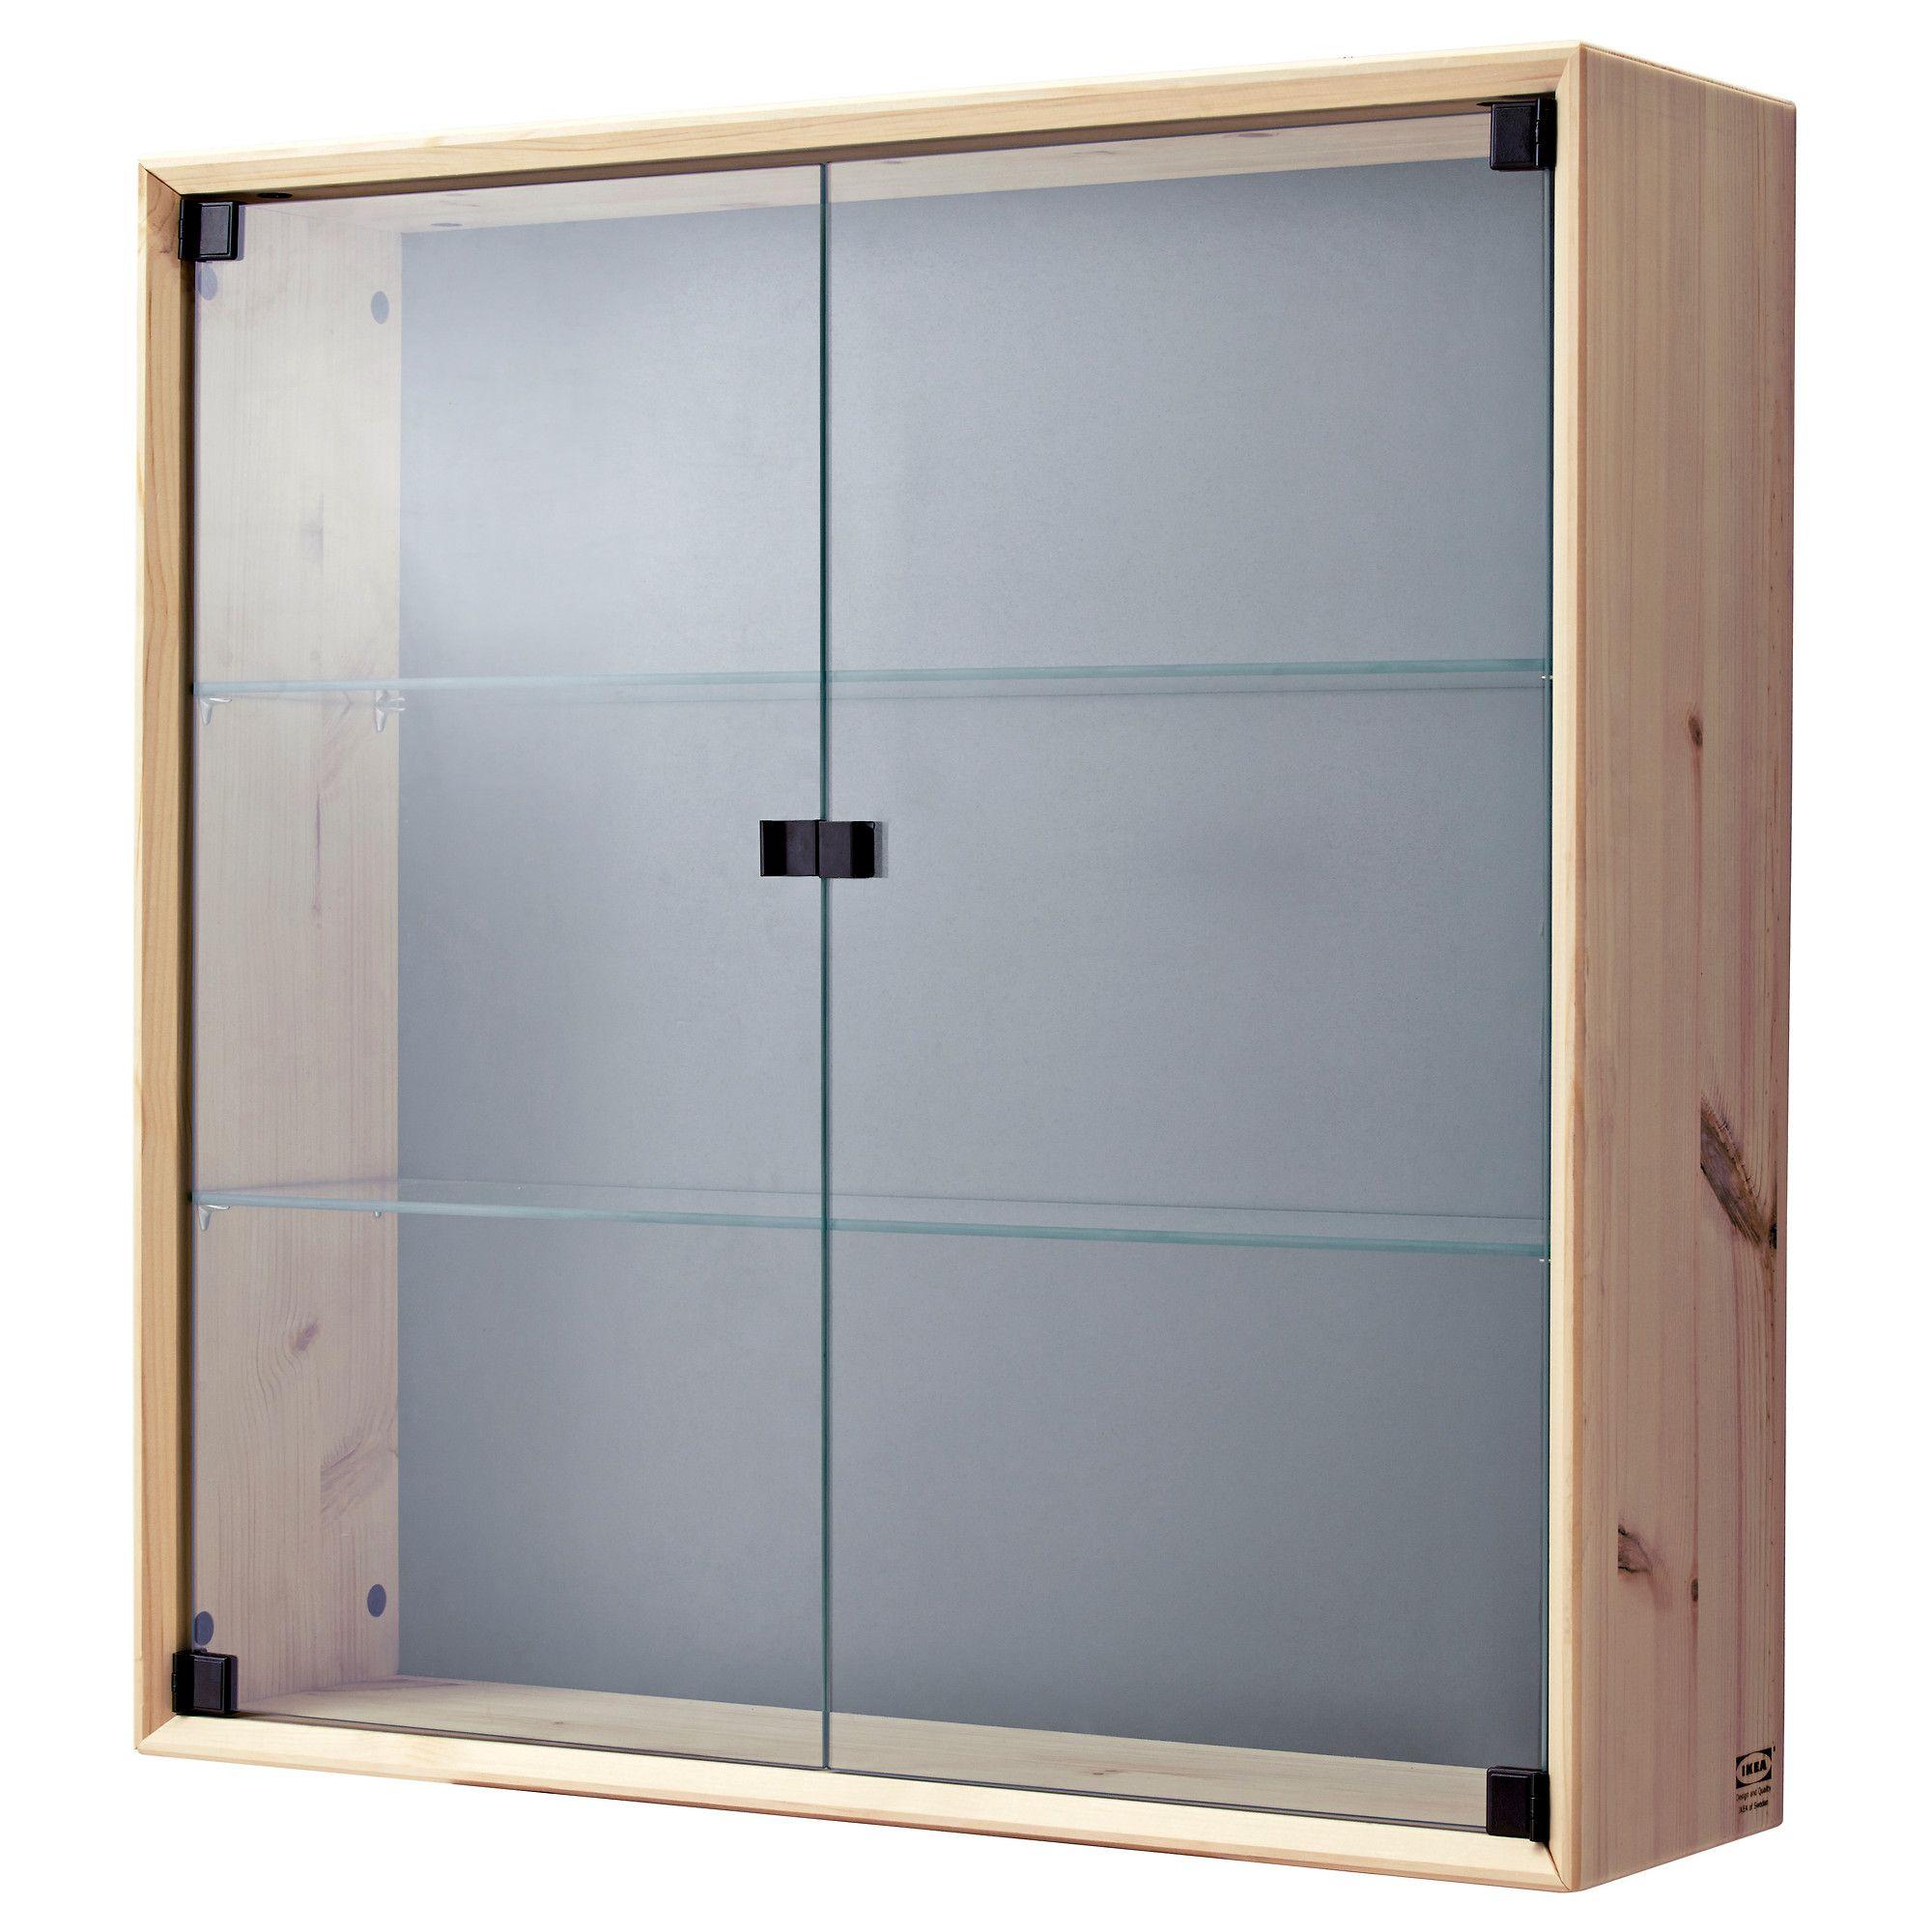 norn s vitrine murale ikea on refait la d co pinterest pharmacie refaire et la deco. Black Bedroom Furniture Sets. Home Design Ideas